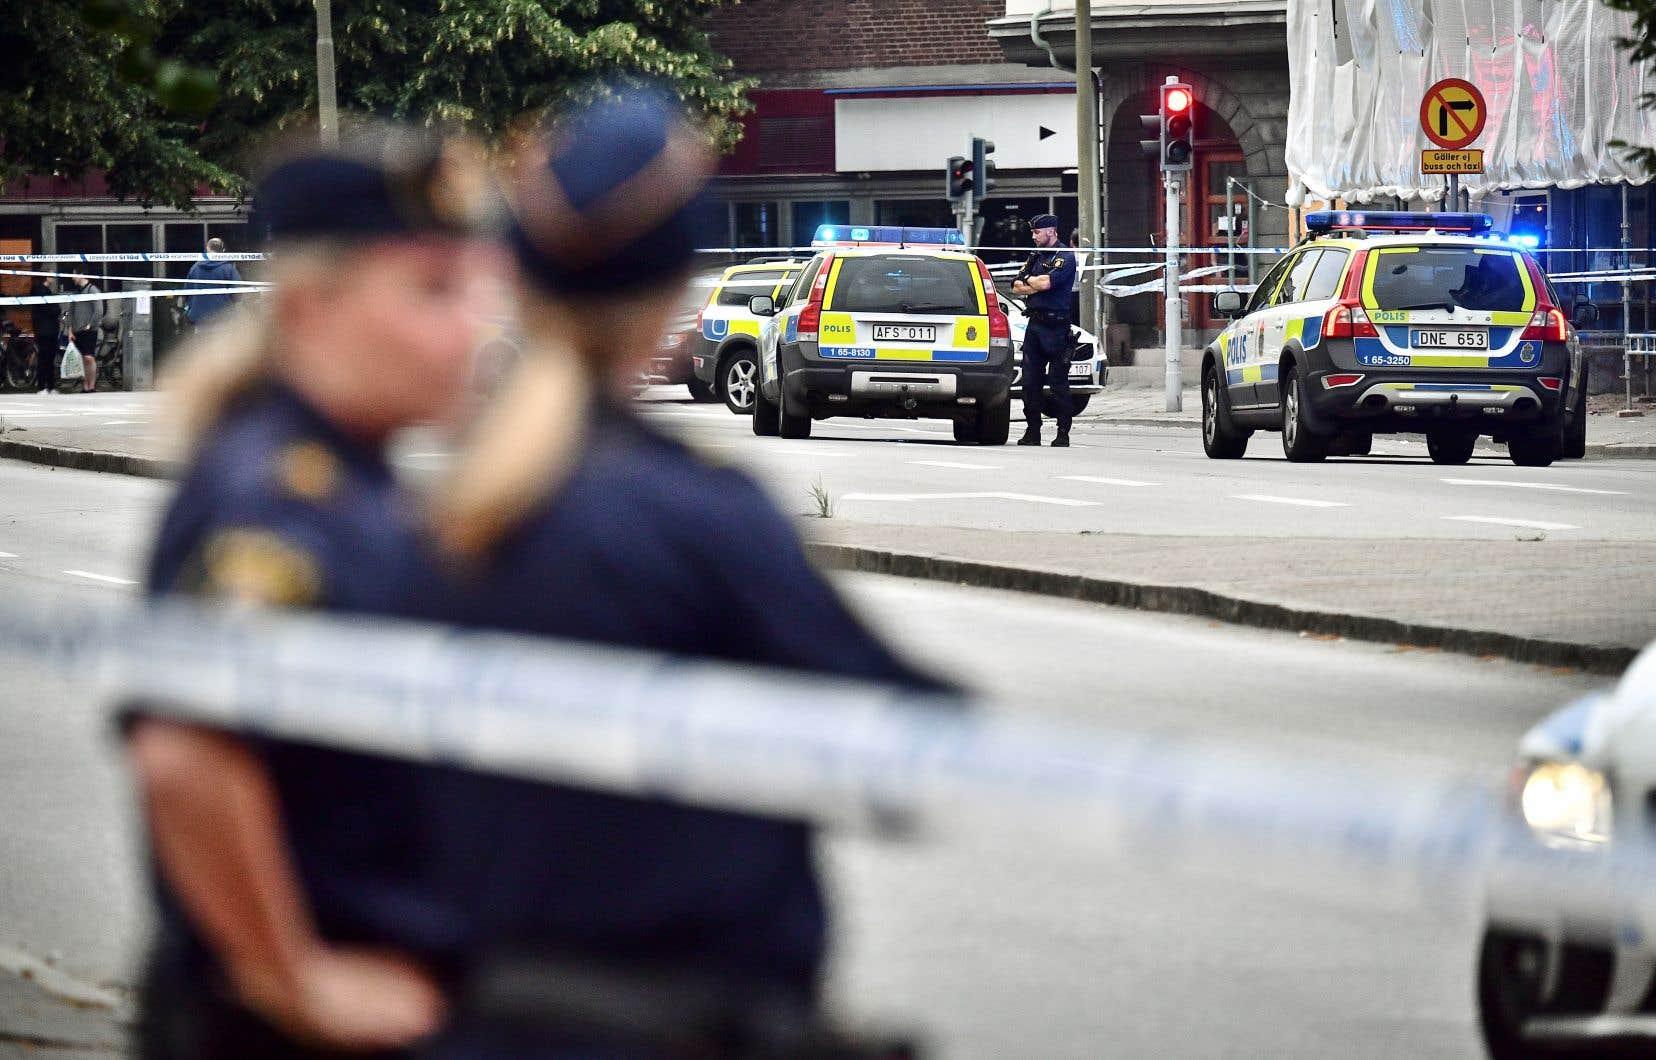 Les victimes auraient été visées alors qu'elles sortaient d'un cybercafé, sur la rue Drottningatan, dans le centre-ville de Malmö.